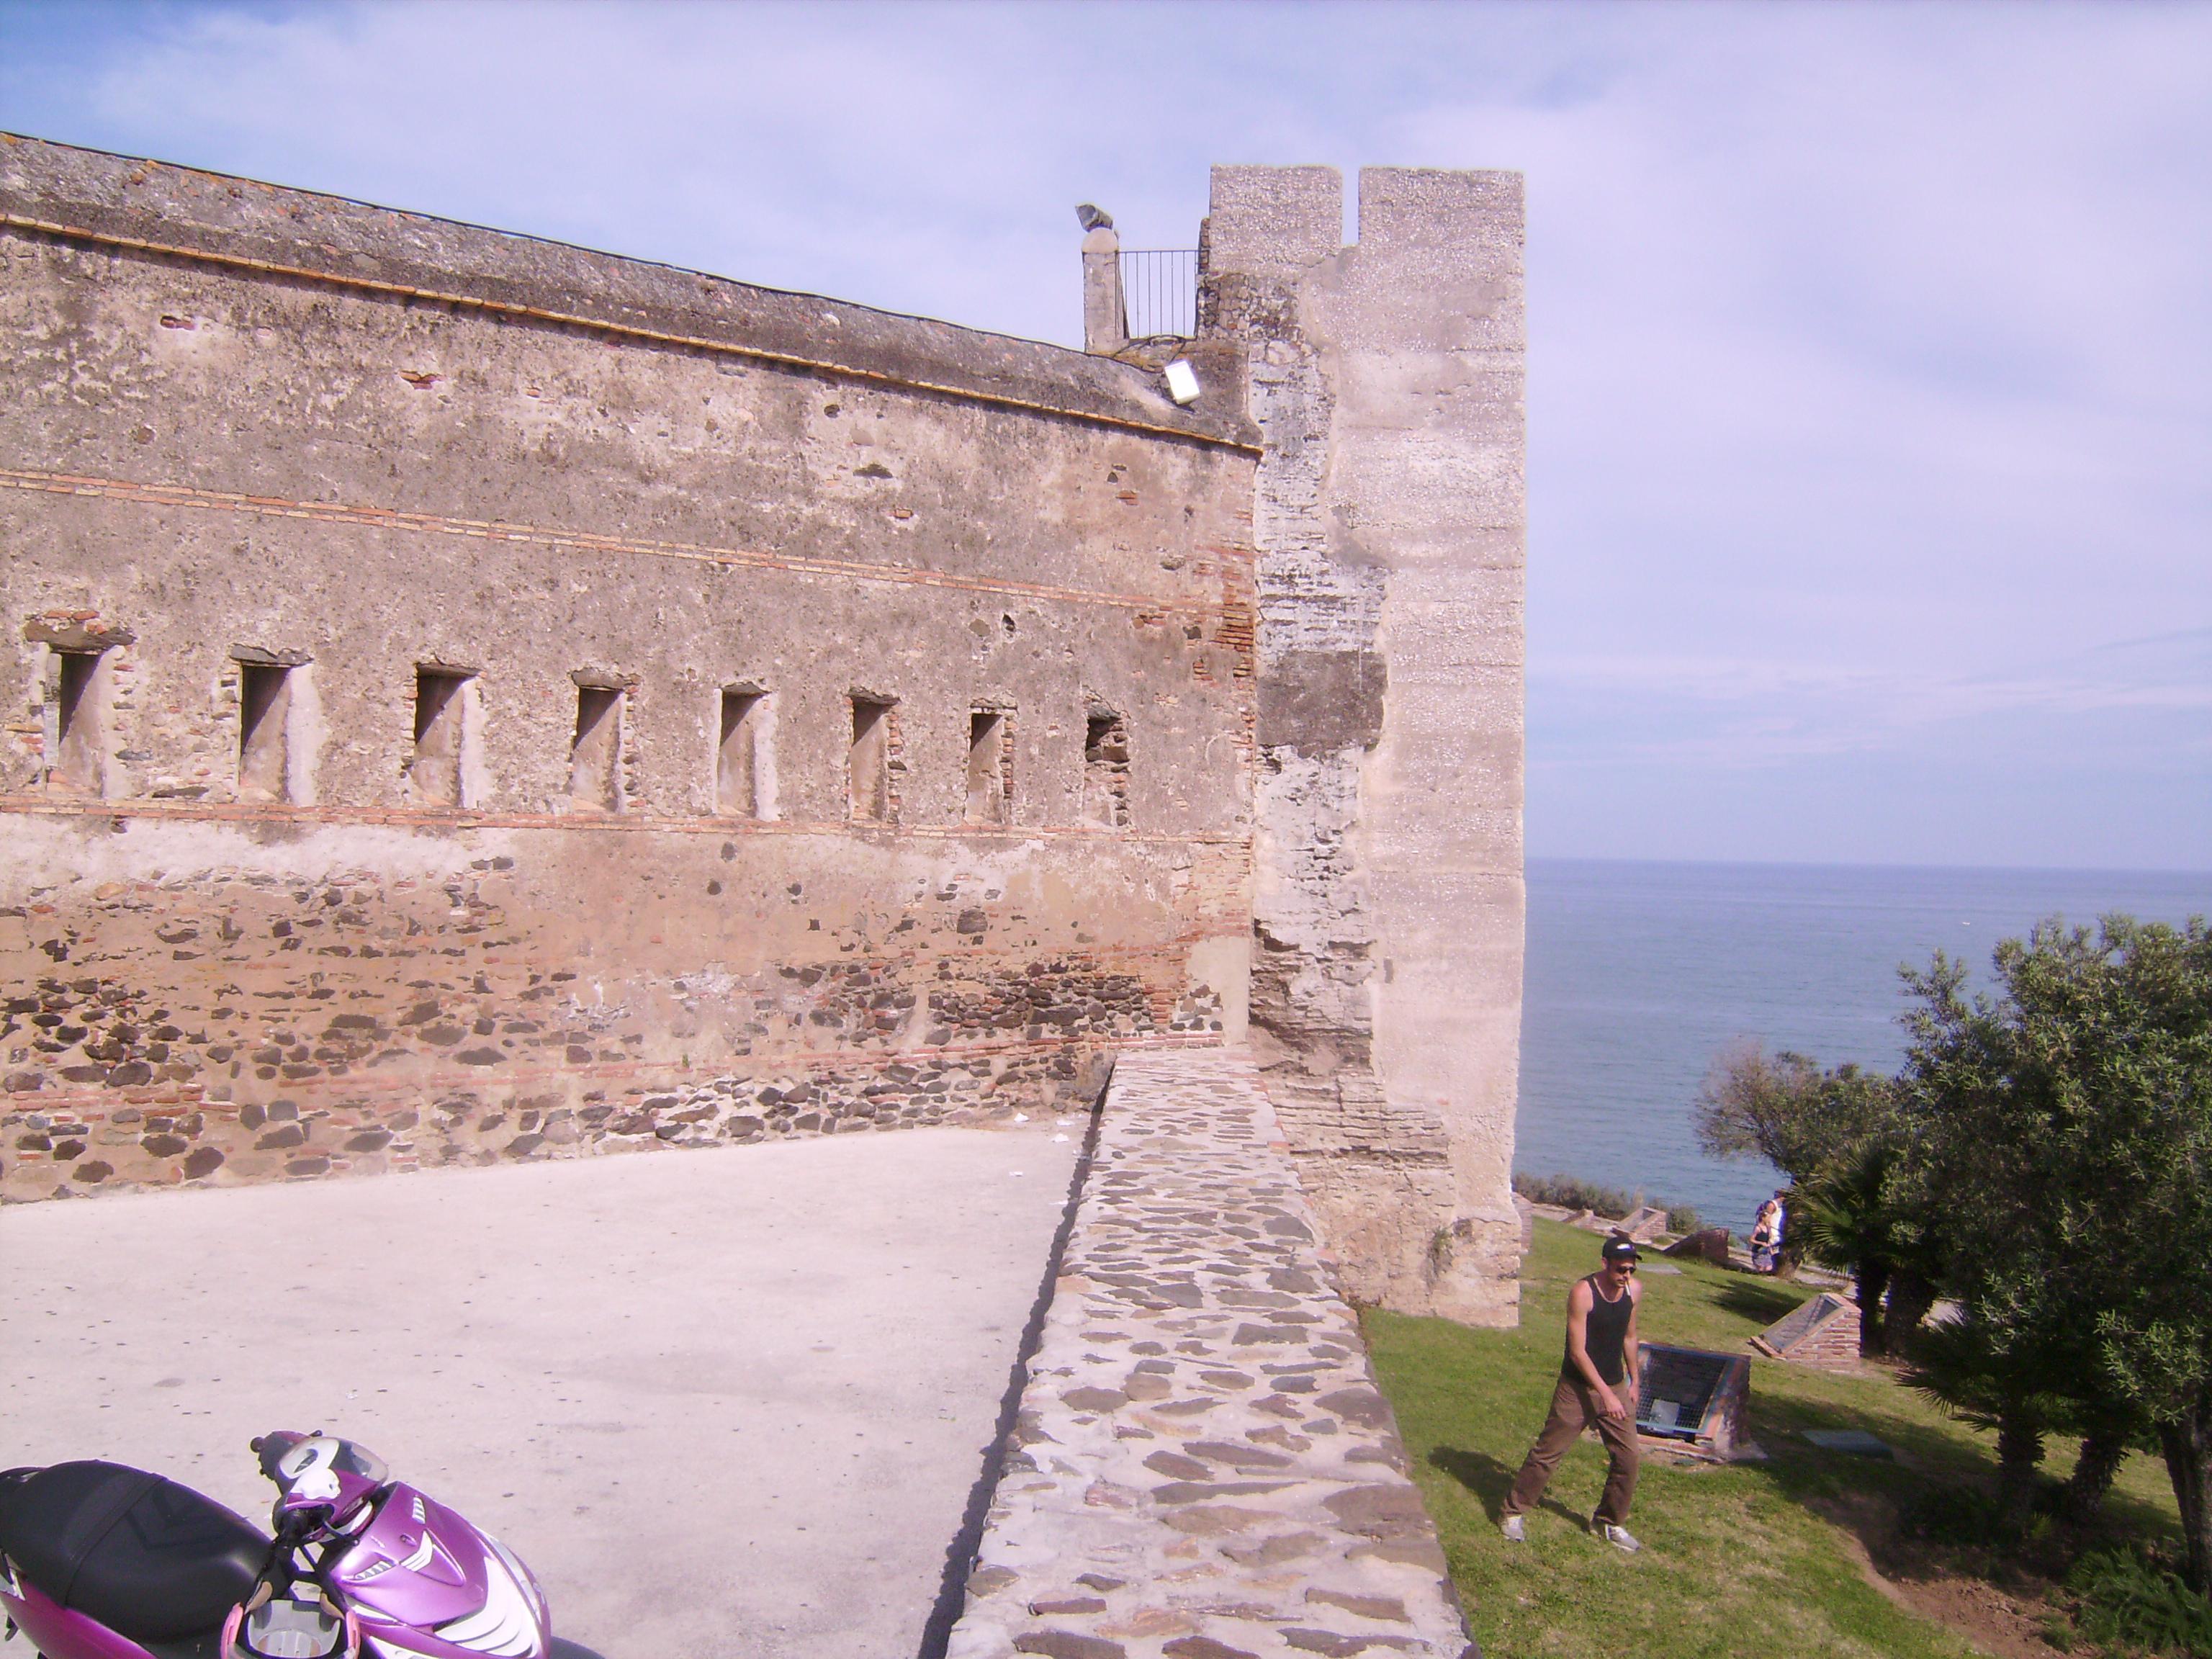 A vár a harcok során erősen megsérült, és csak 1730-ban építették újjá, ezúttal a kereskedők védelmét szolgálta a mór kalózok ellen.